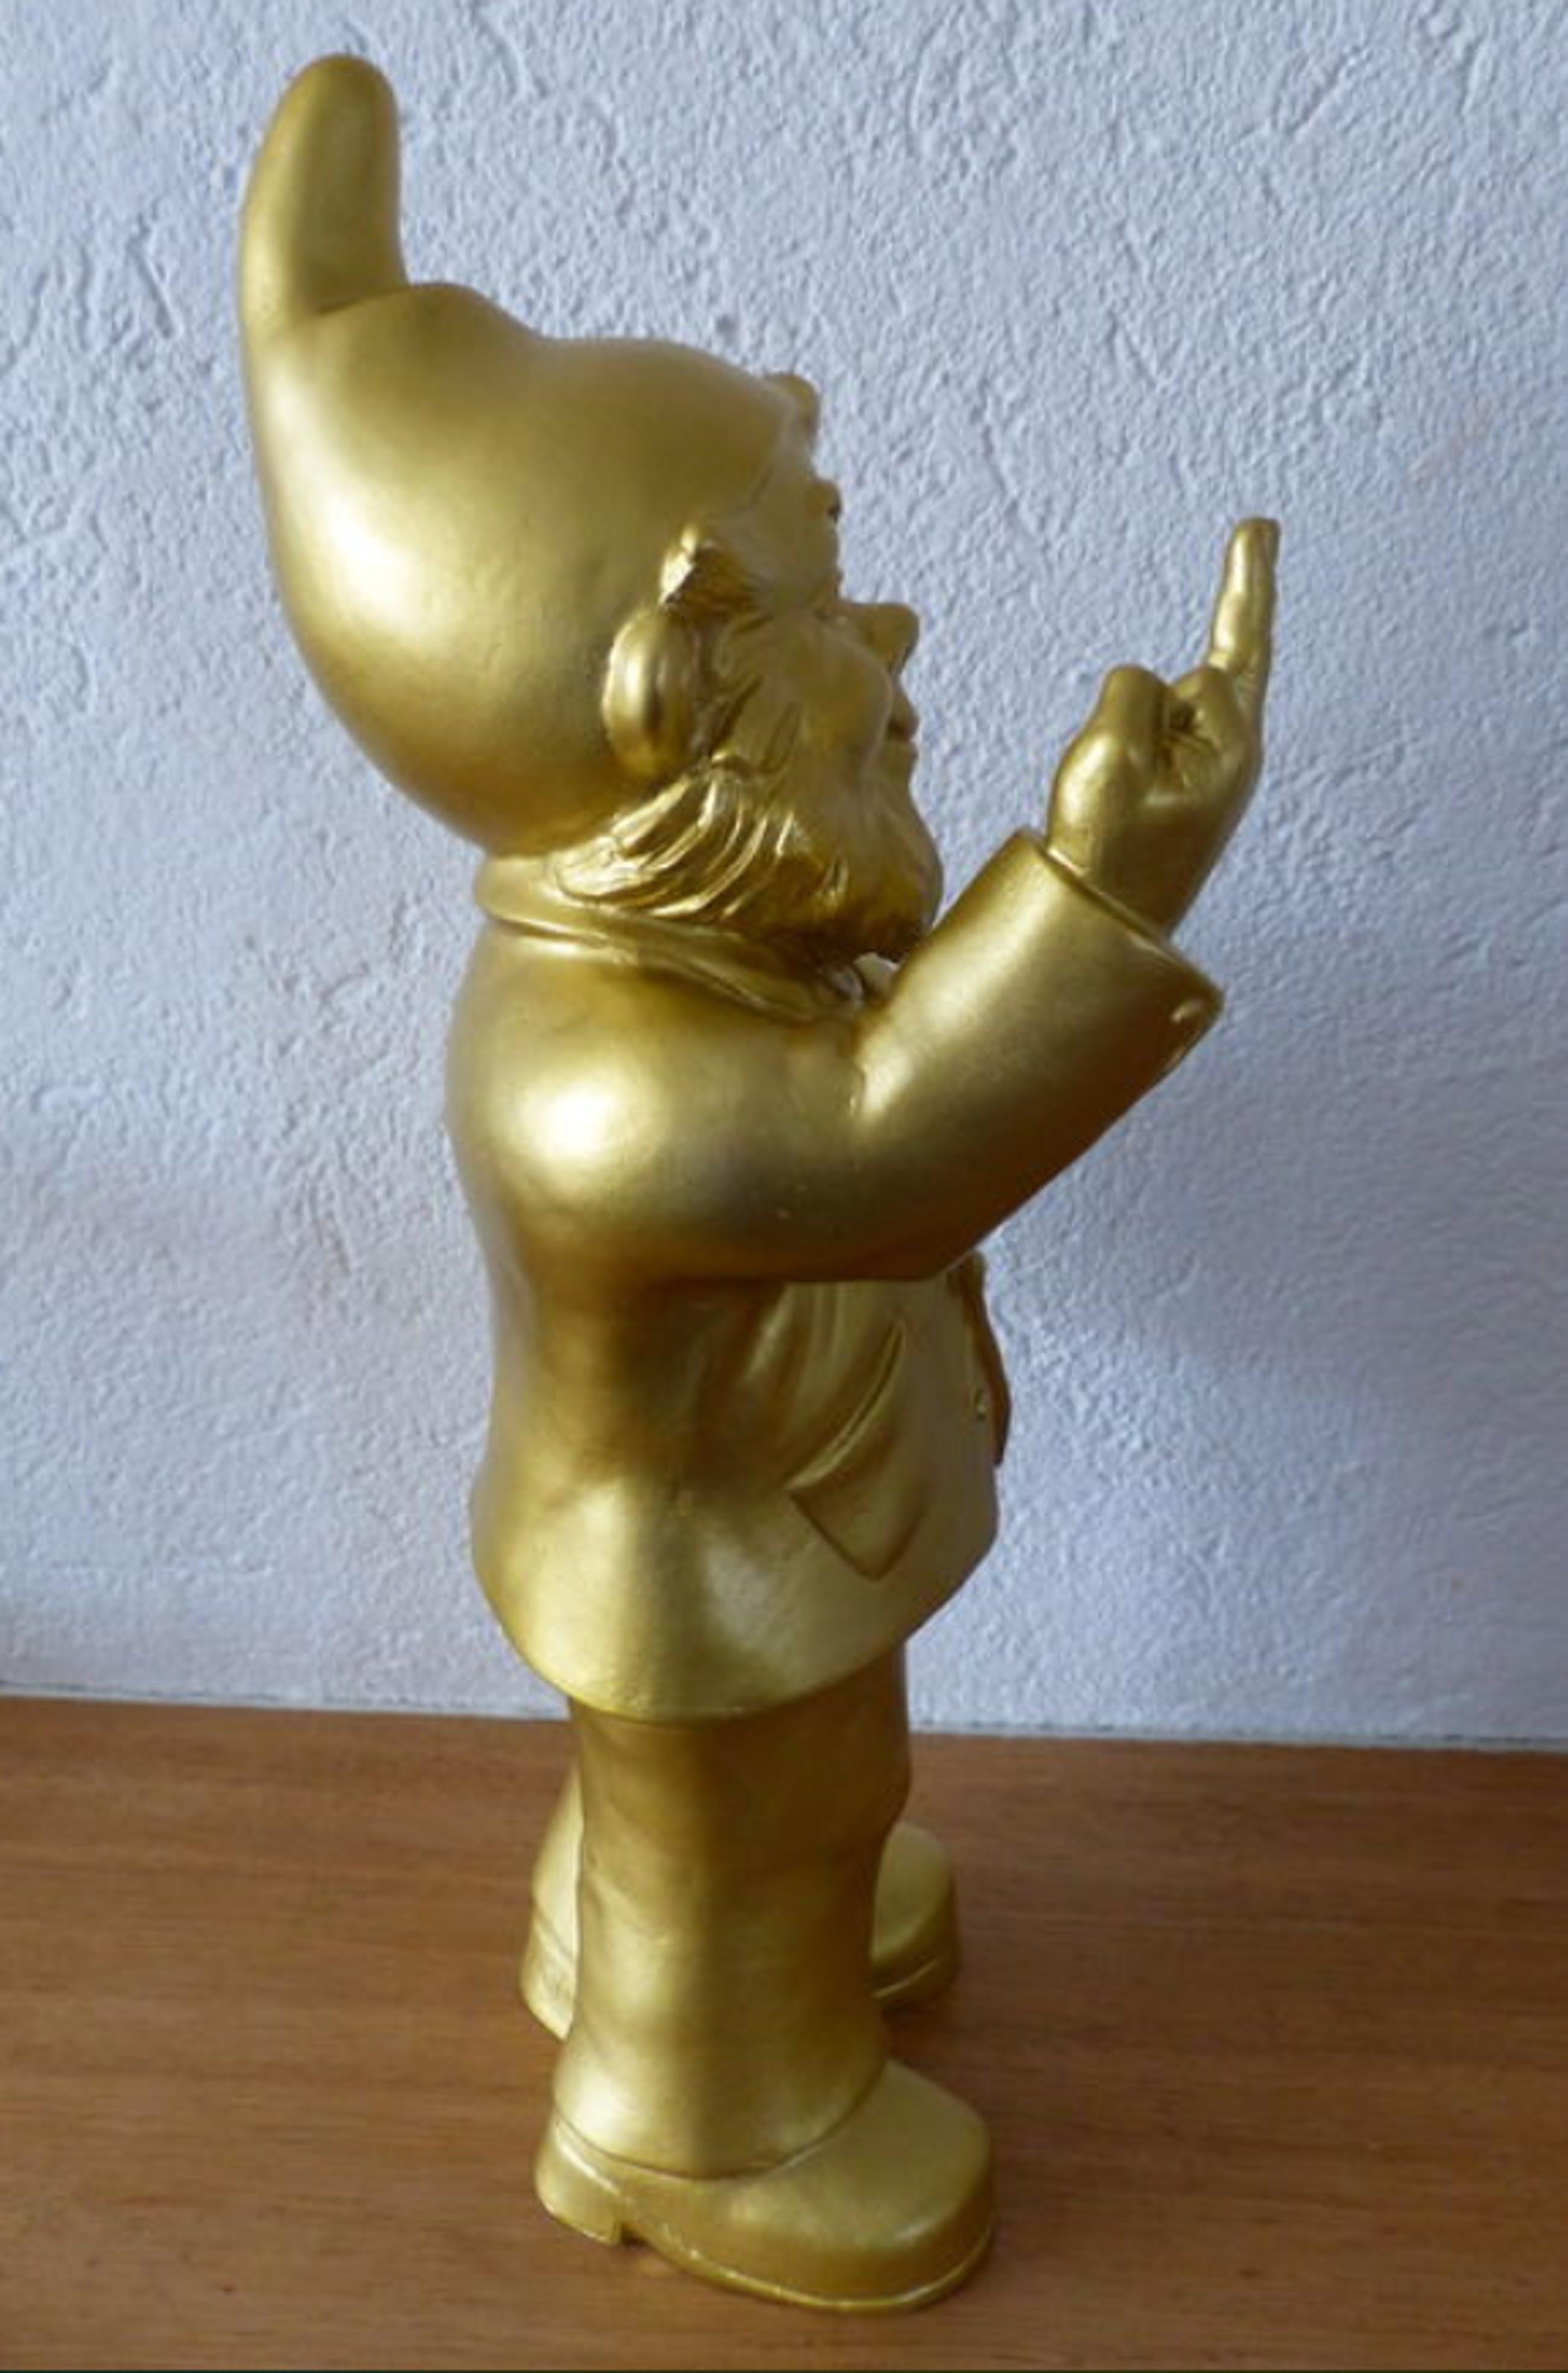 Ottmar Horl - Sponti Activist Gnome Gold kopen? Bied vanaf 90!